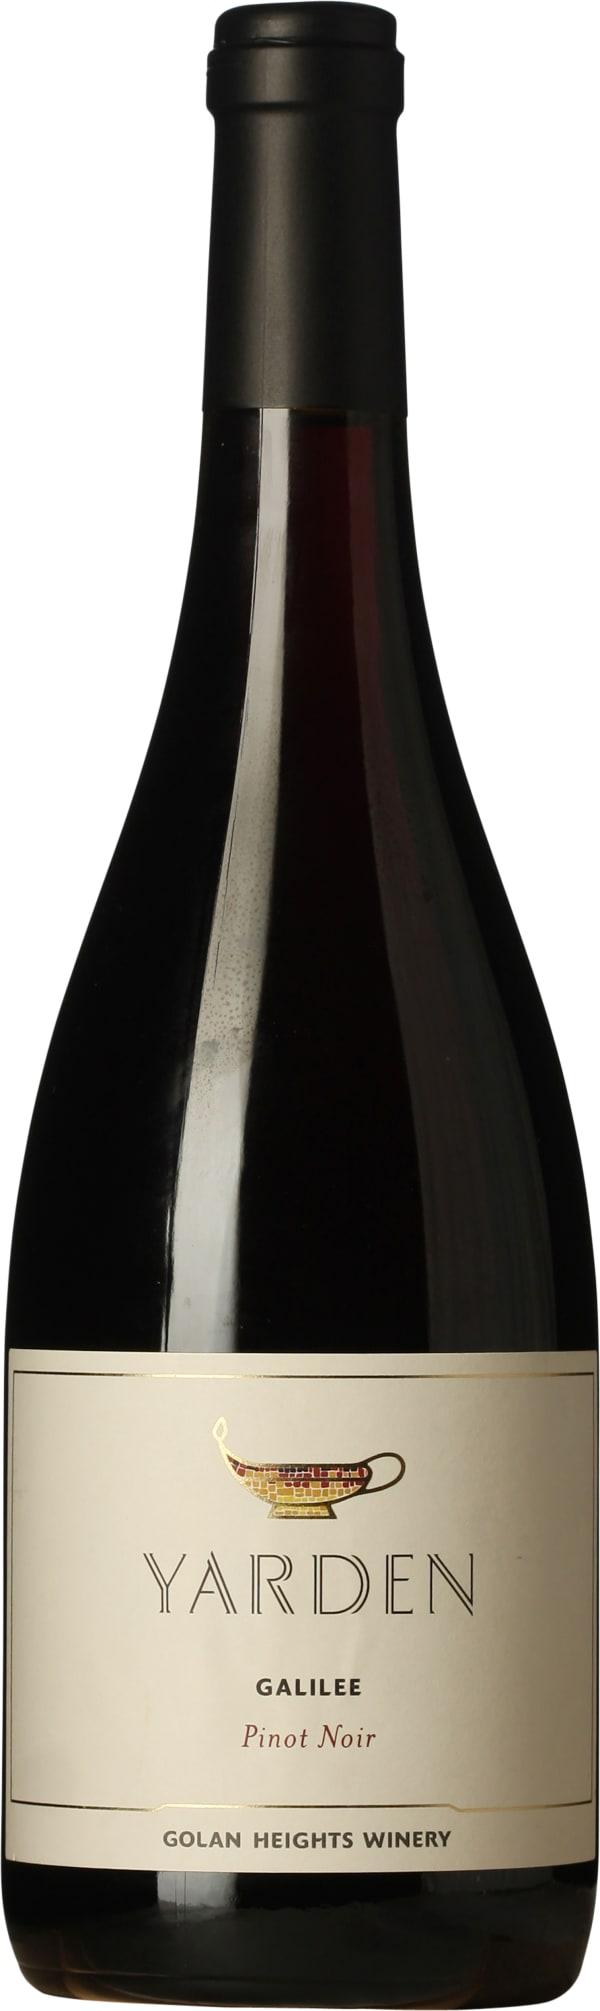 Yarden Pinot Noir 2014